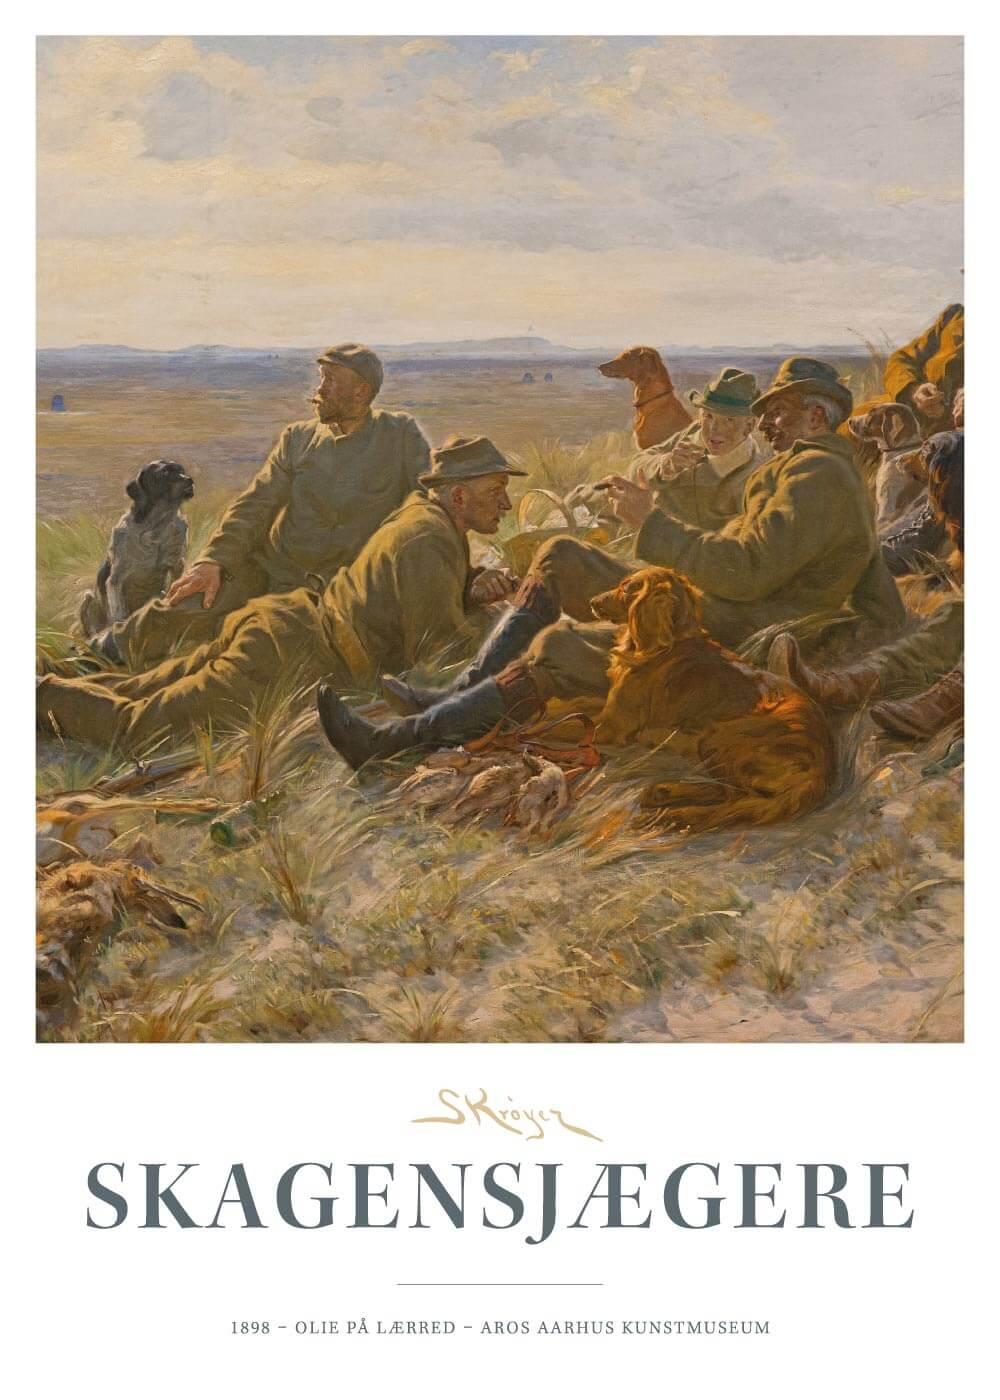 Billede af Skagensjægere - P.S. Krøyer plakat